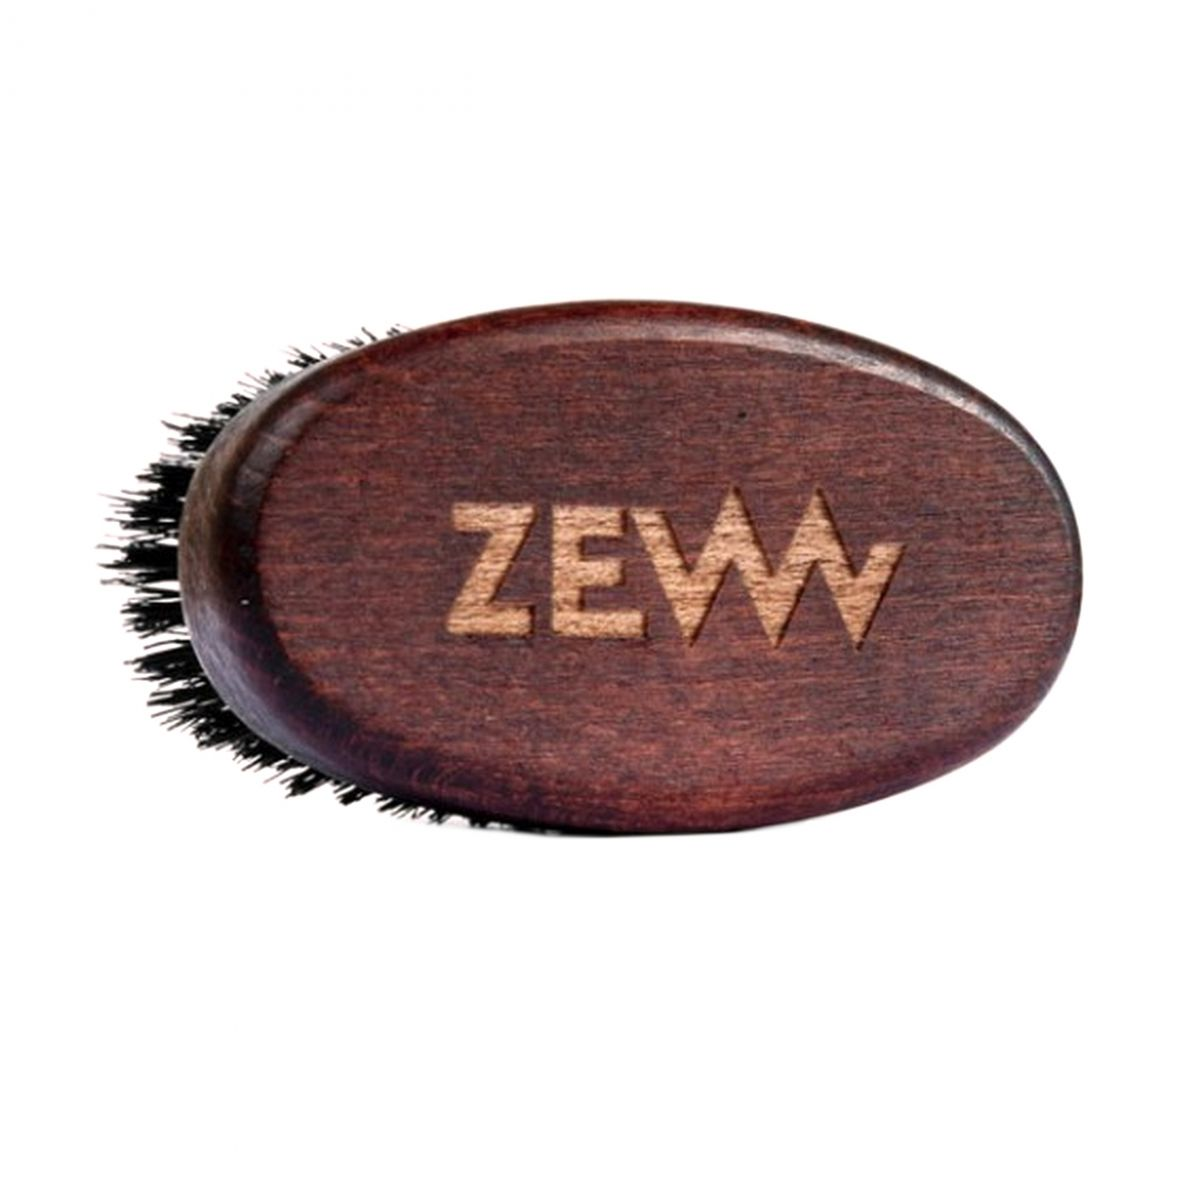 Kompaktowa Szczotka / Kartacz do brody z naturalnym włosiem z dzika - Zew